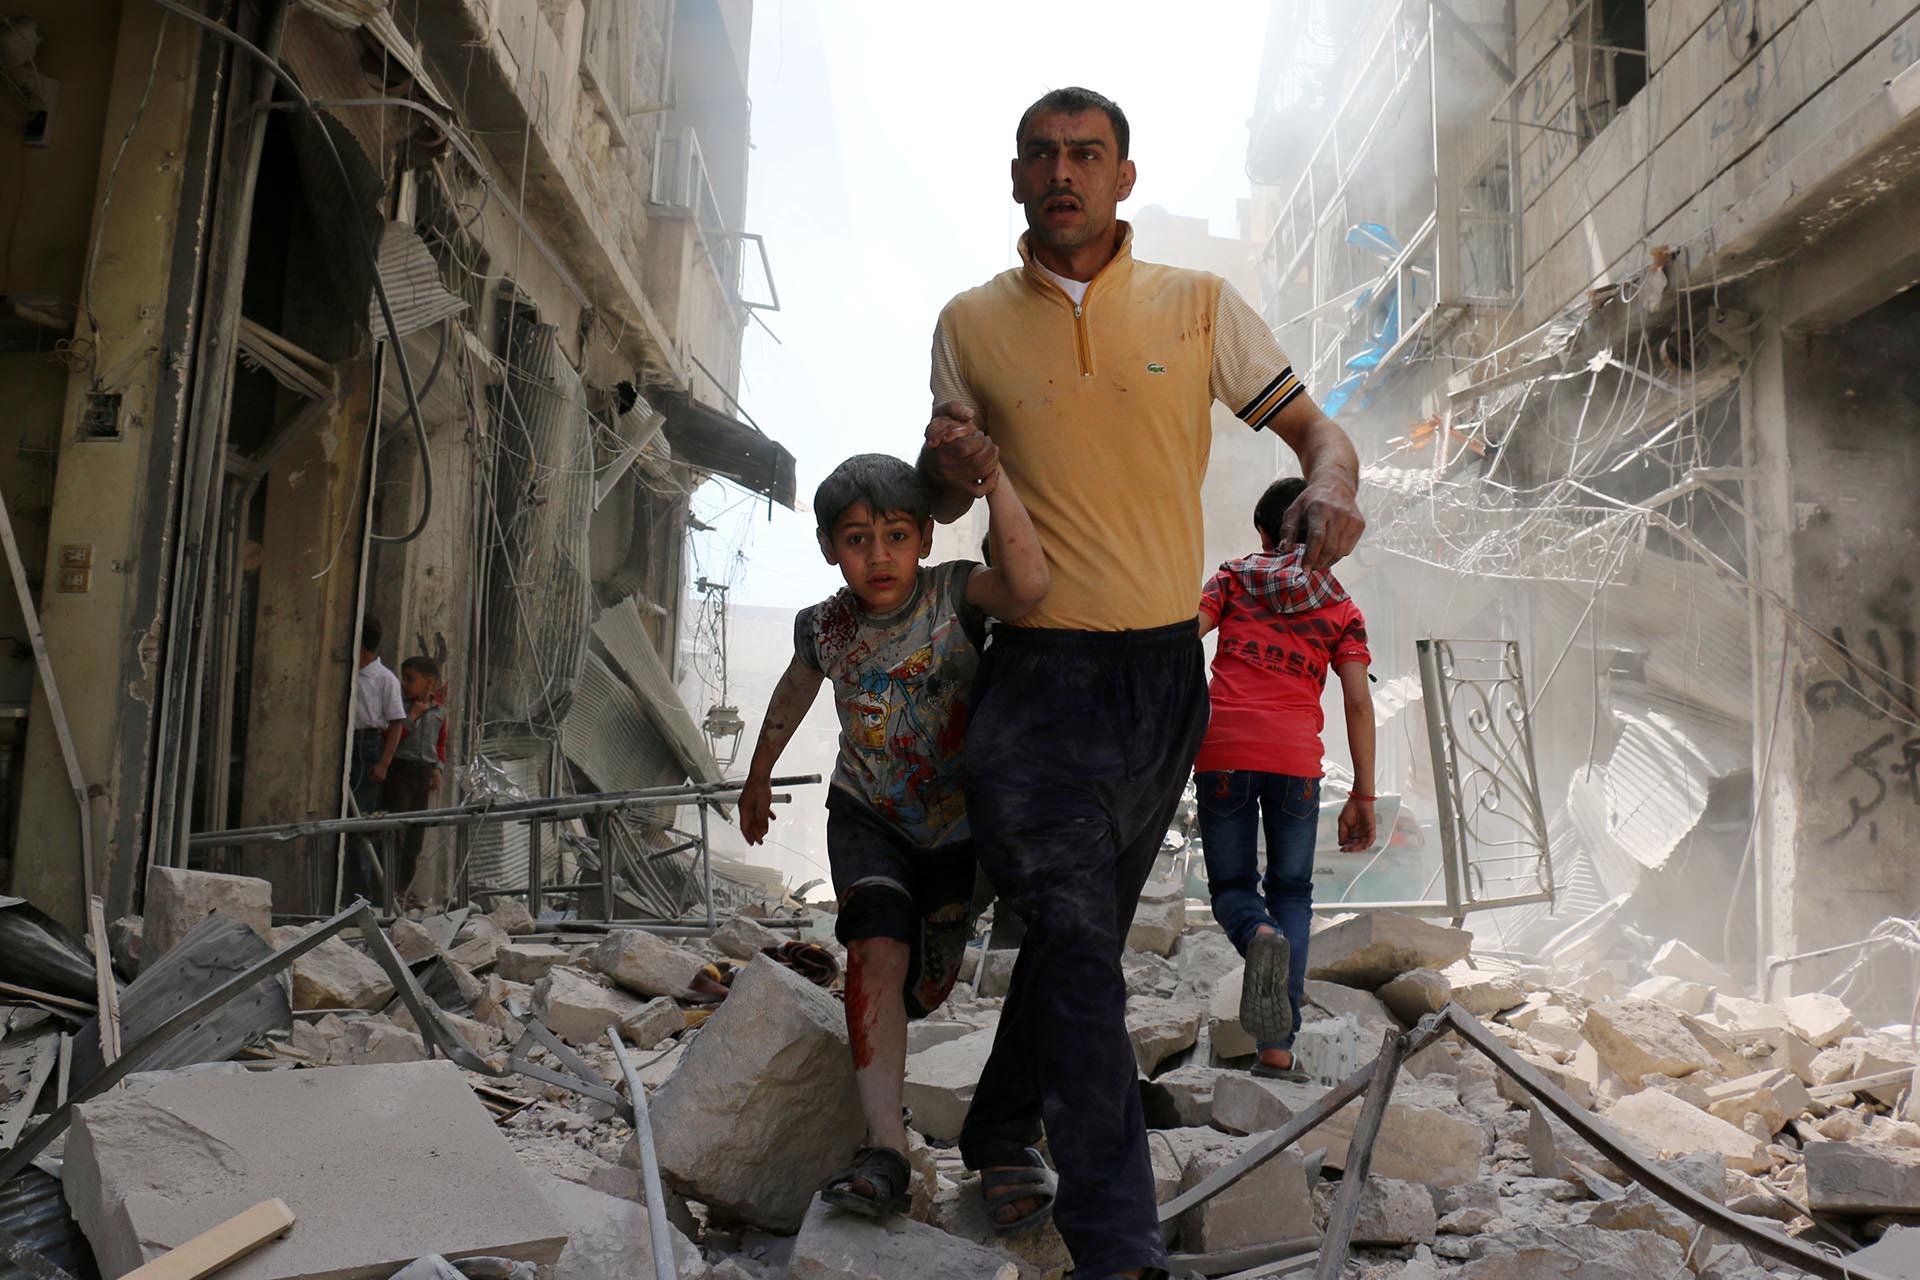 Spot News, segundo premio. Un hombre sirio y un niño evacúan el área luego de bombardeos en el barrio deHayy Aqyul, en Alepo. Ameer Alhalbi, Agence France-Presse